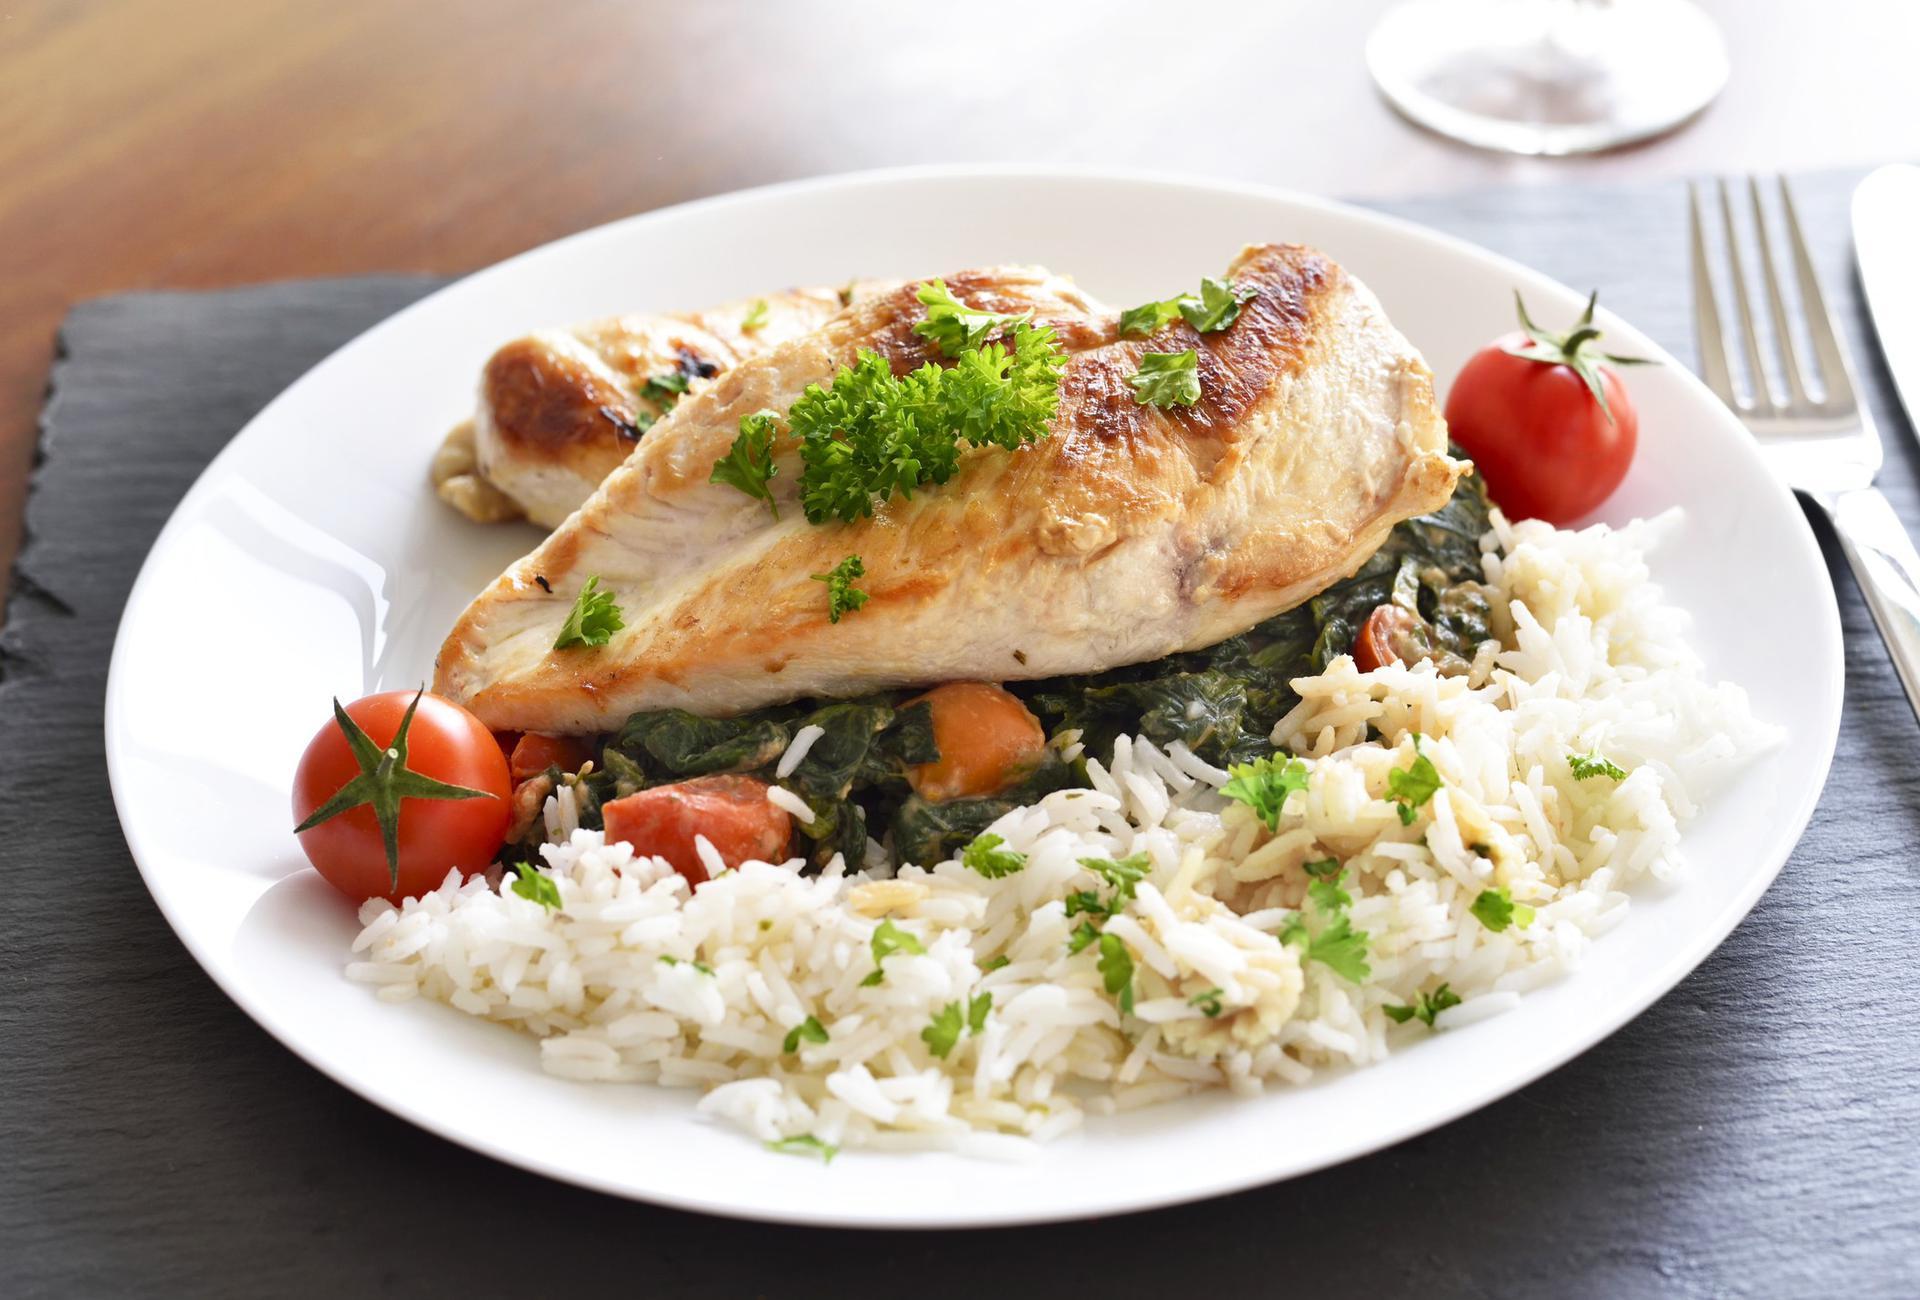 Dietetyczny Obiad 5 Szybkich Przepisow Poradnikzdrowie Pl